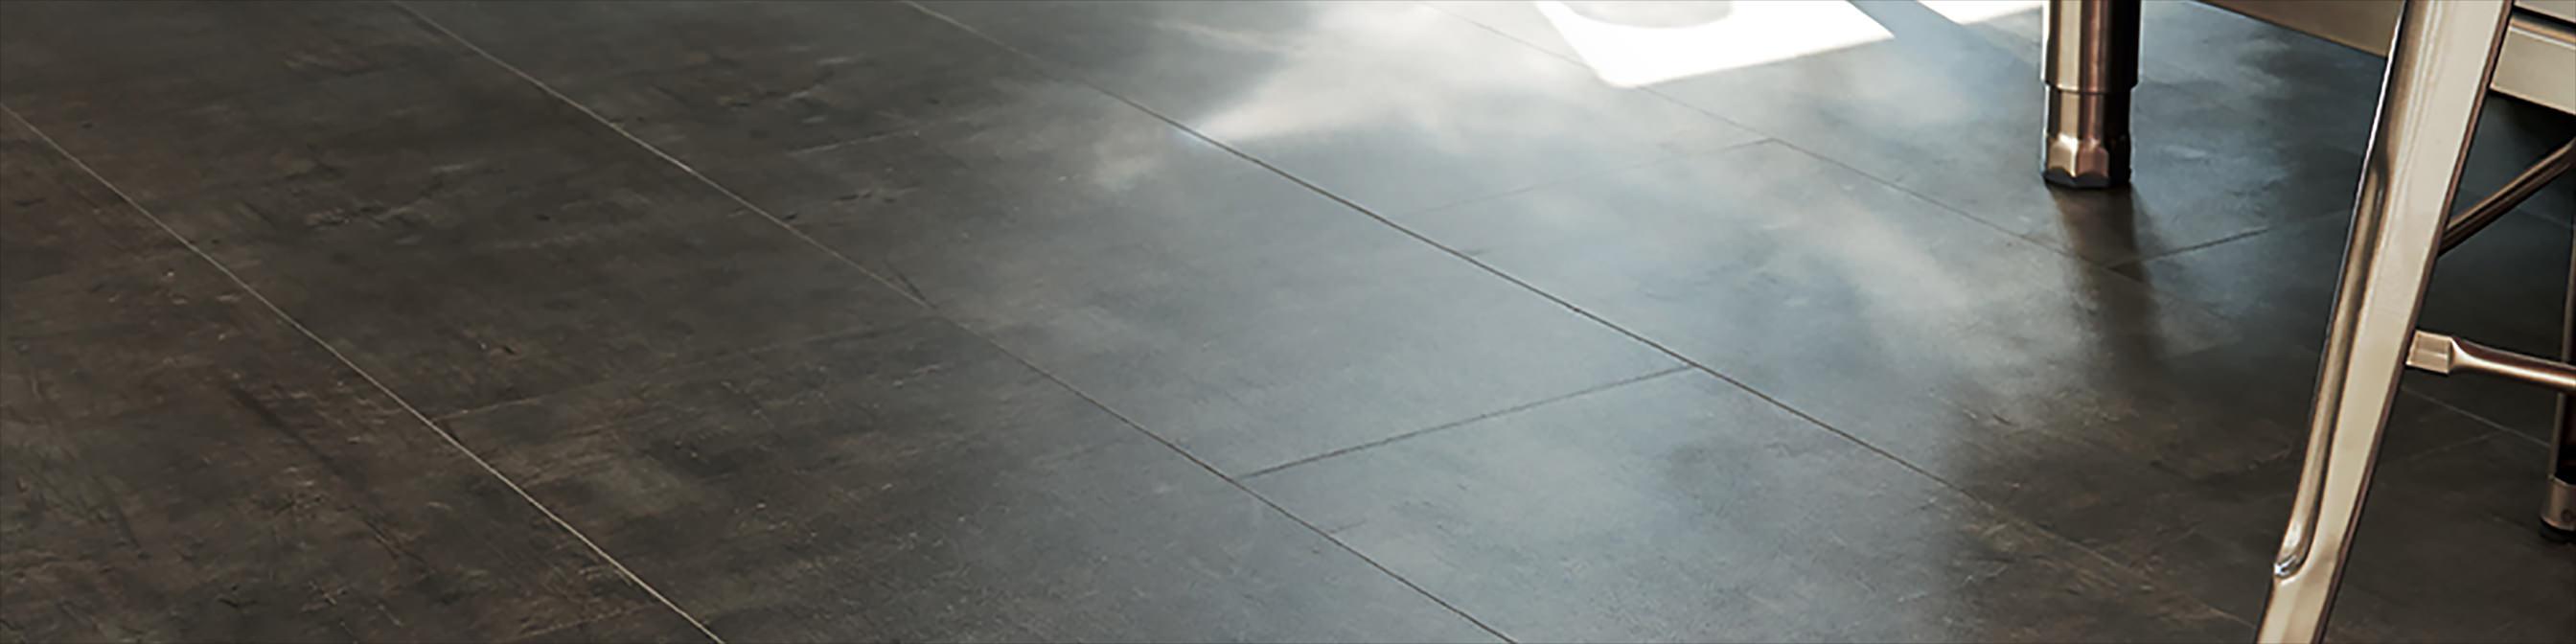 Sol vinyle aspect métal et acier